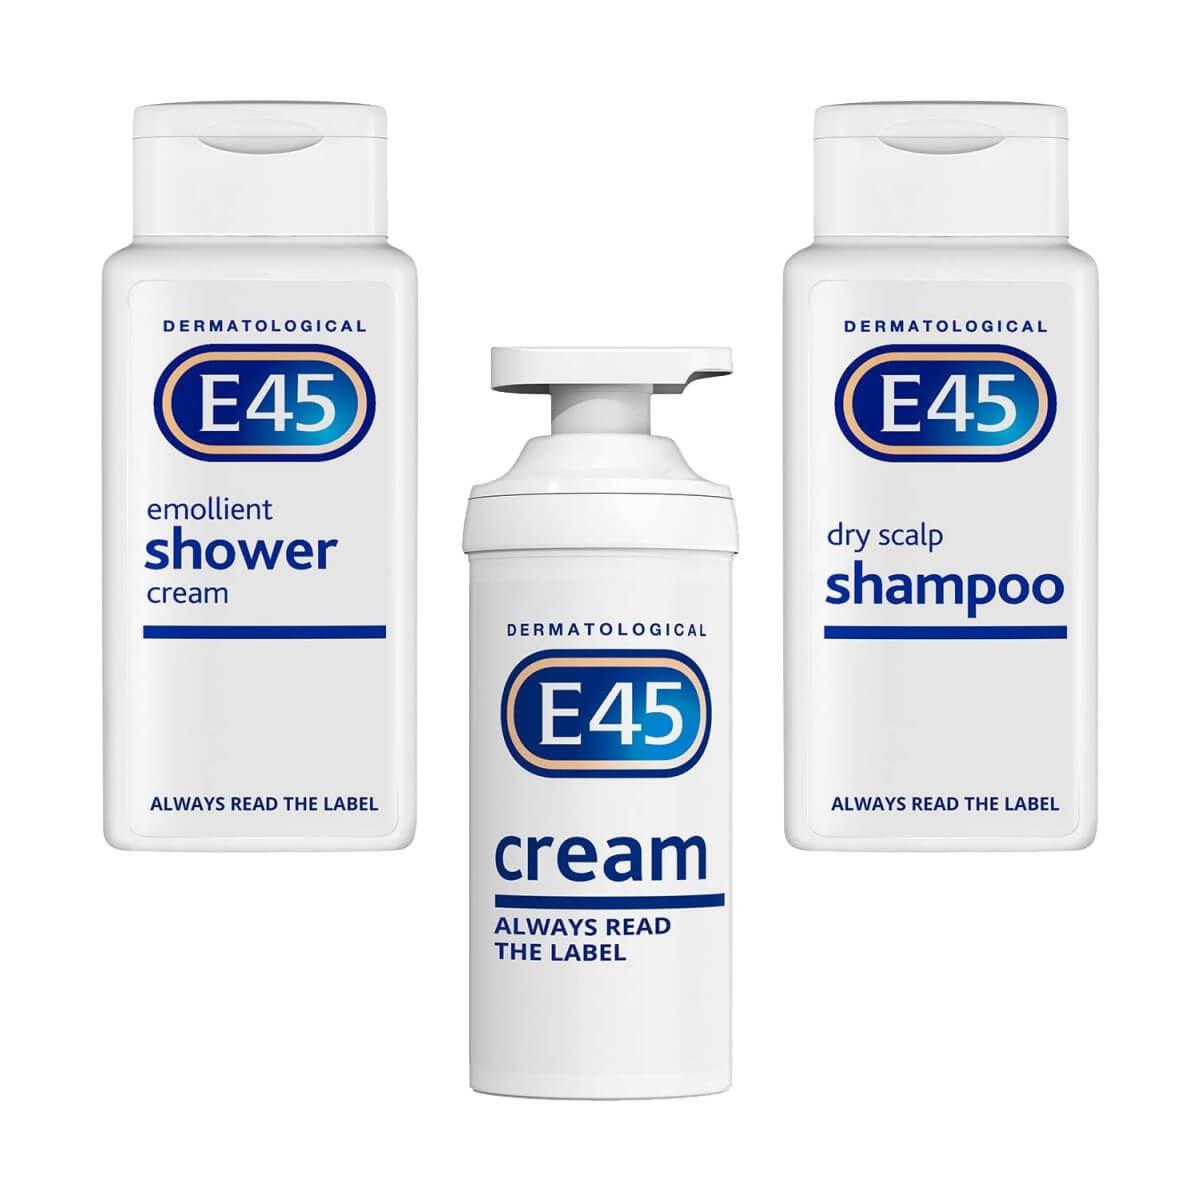 E45 Routine Care